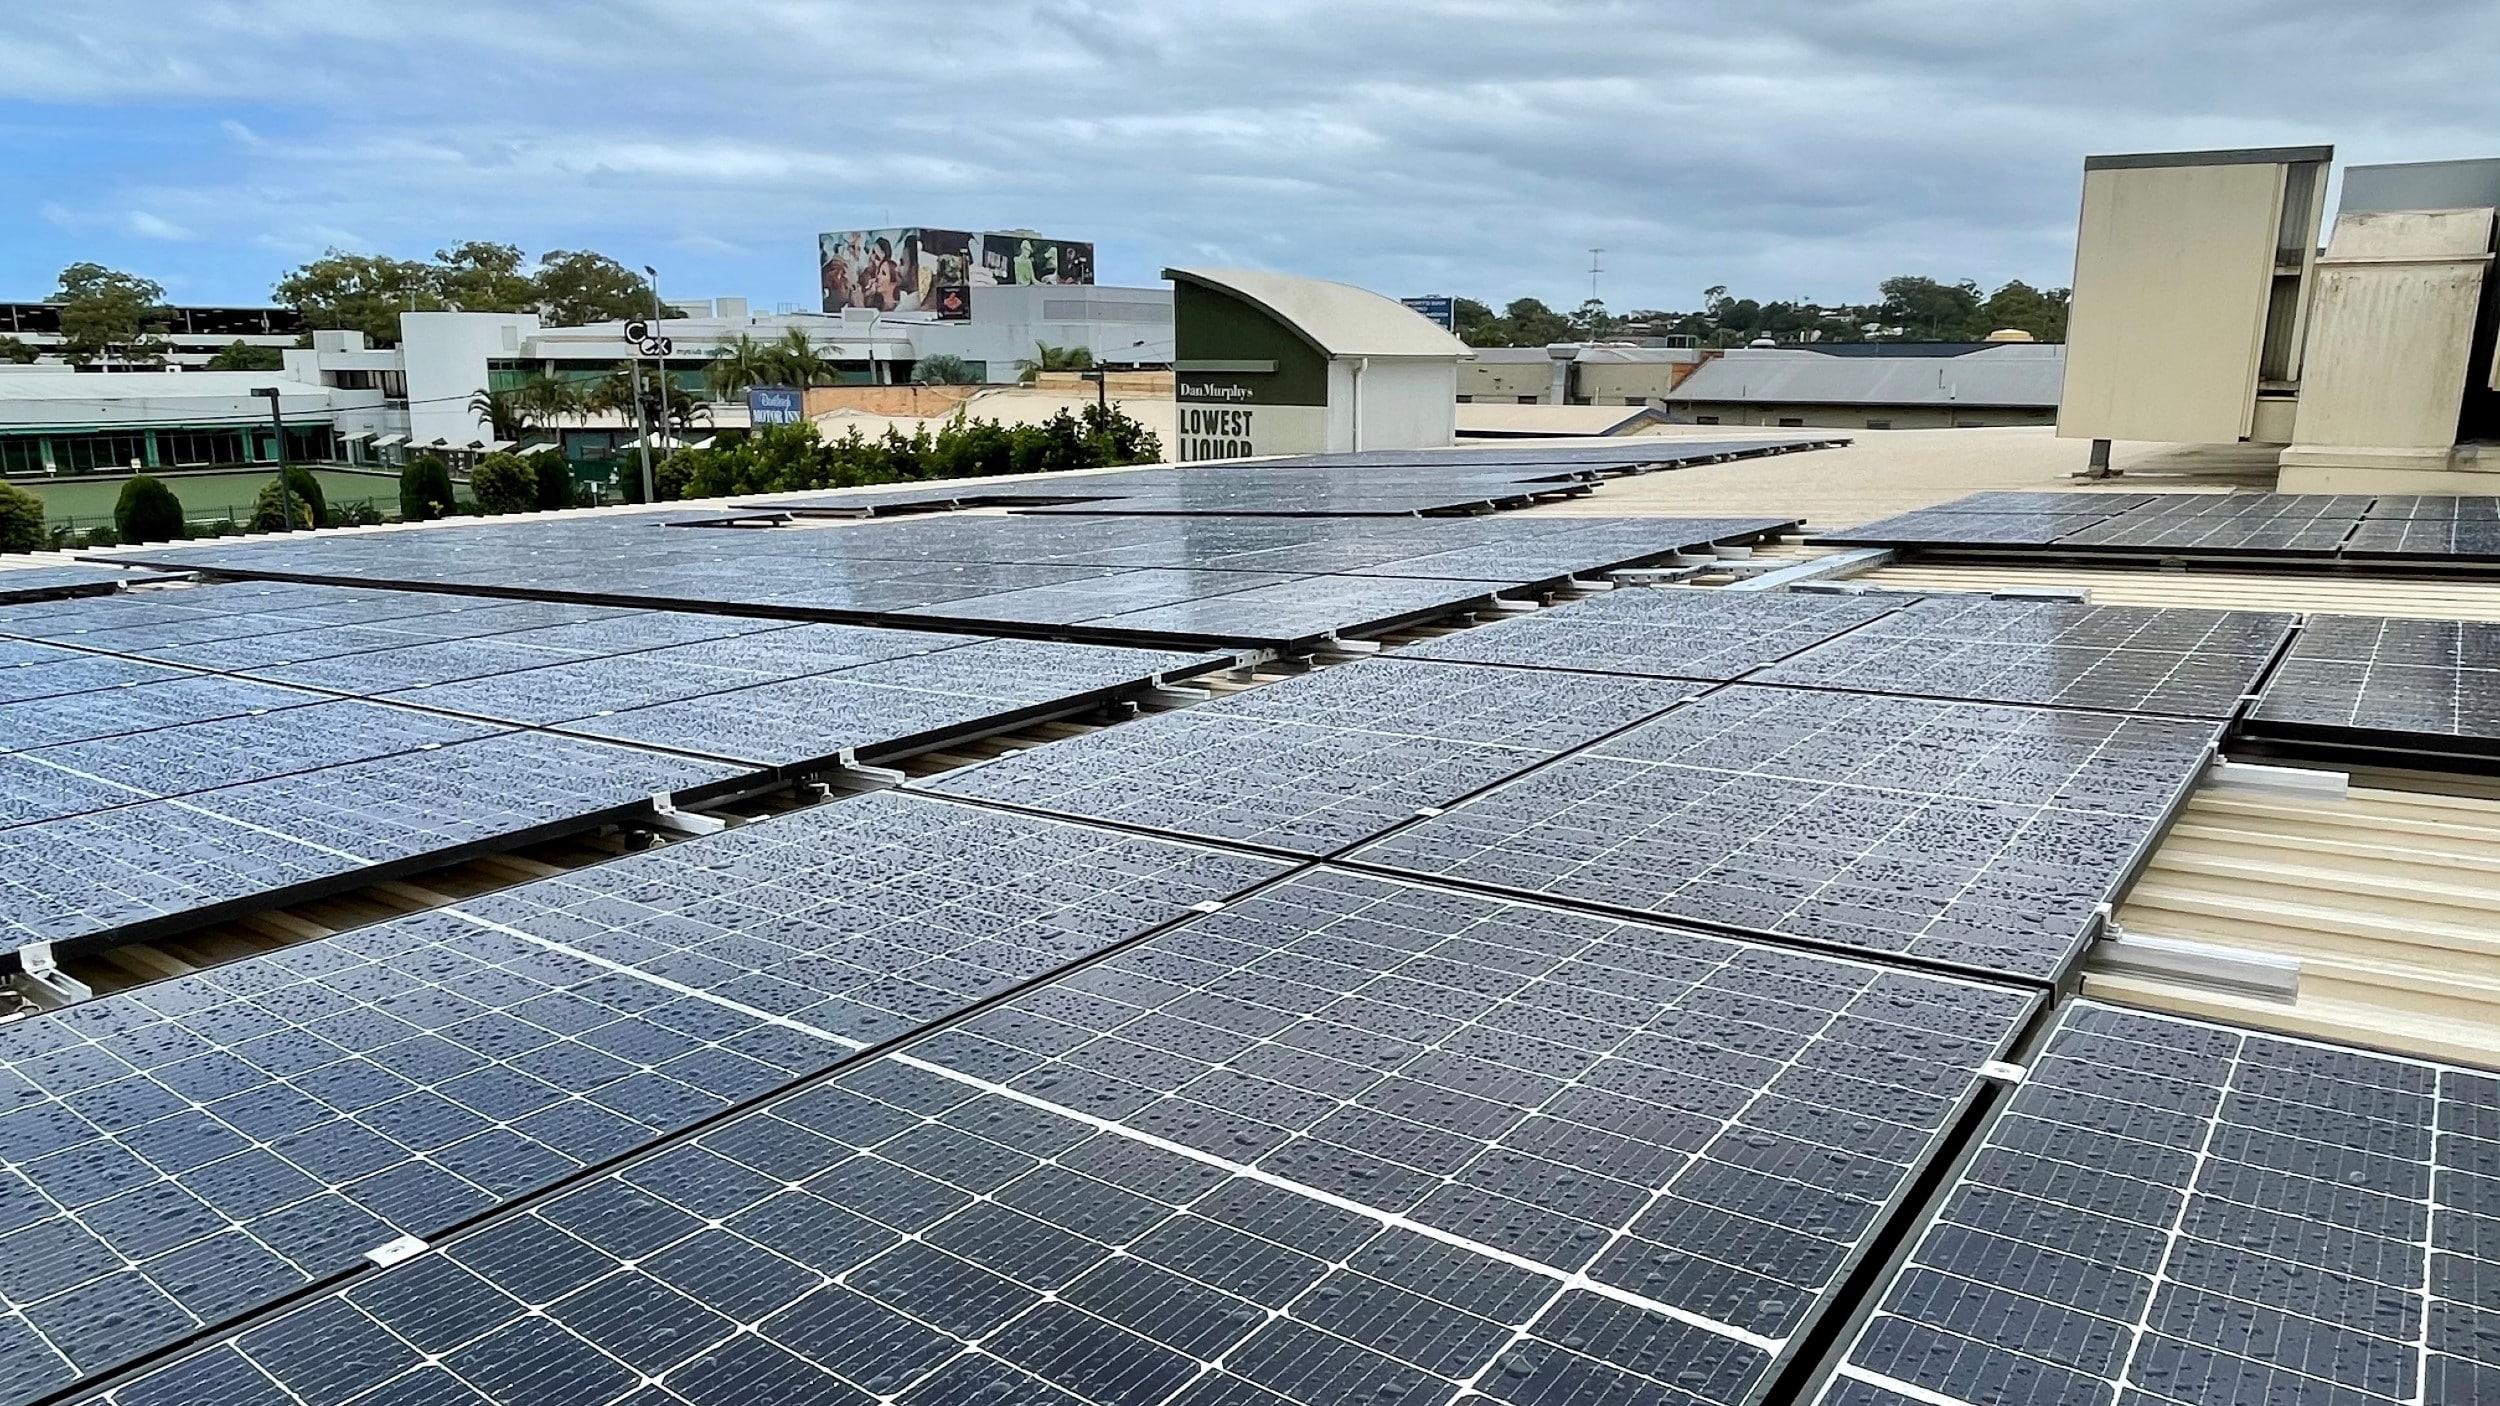 Dan Murphy's in Coffs Harbour gets solar